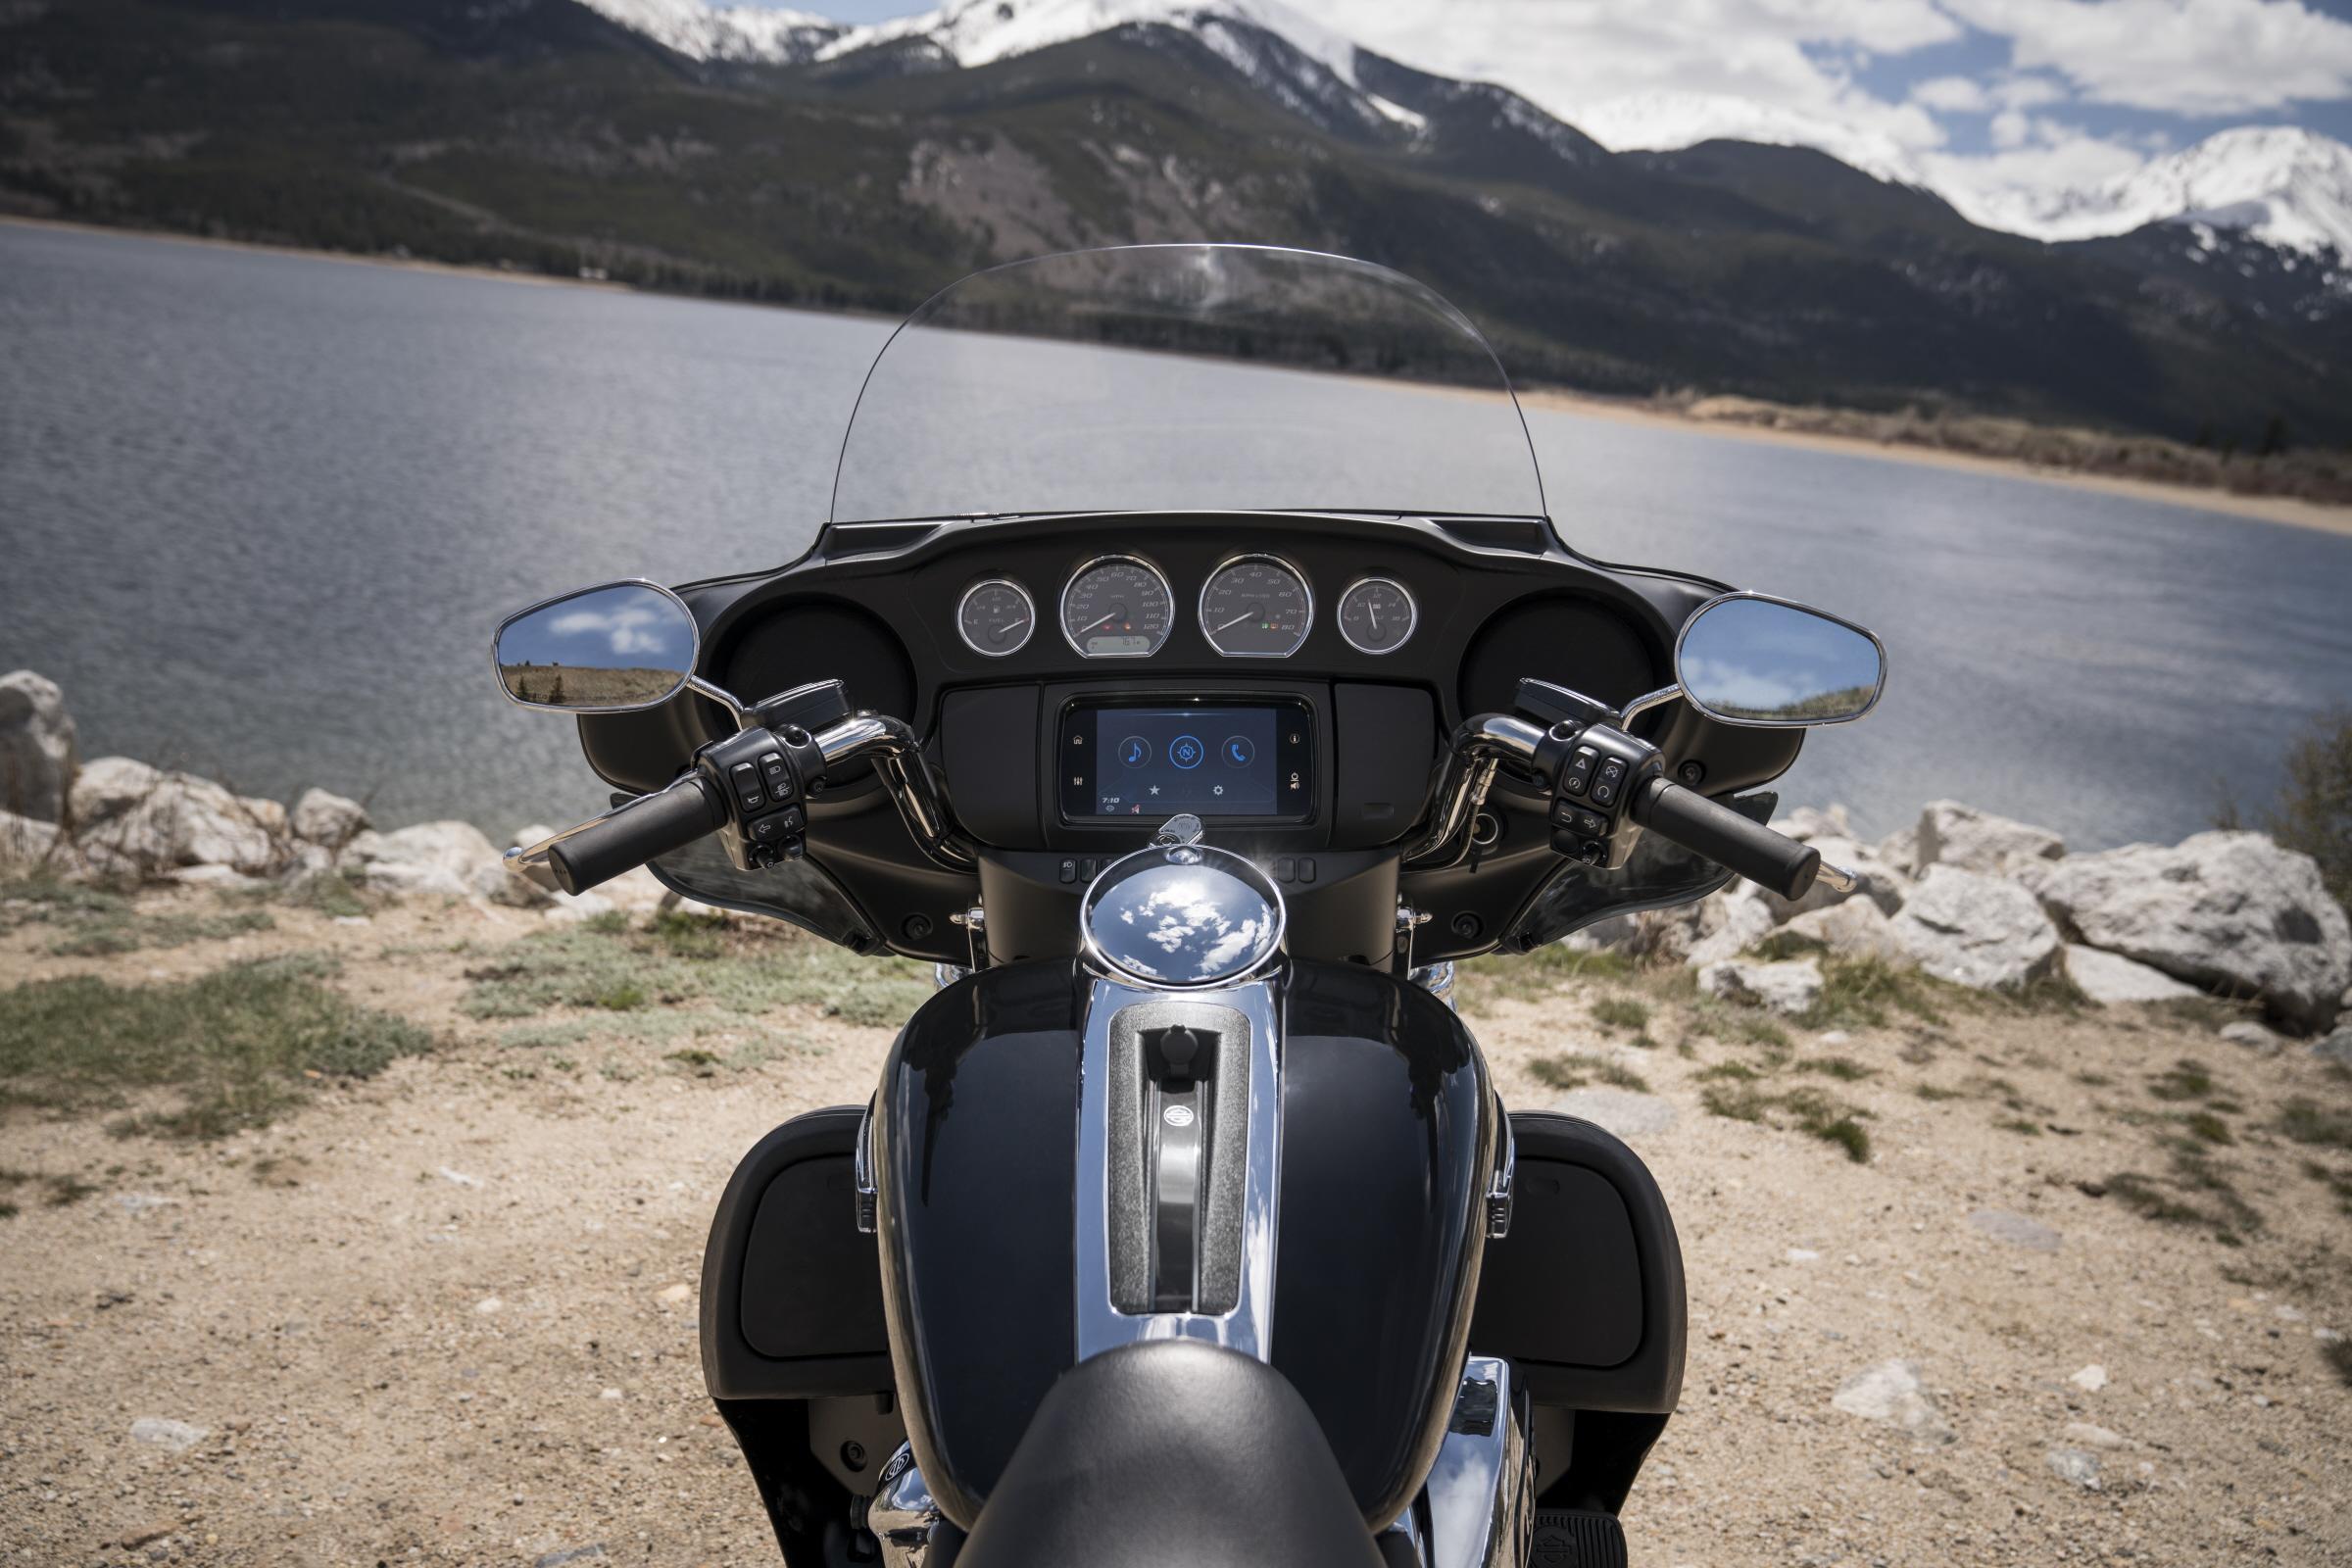 Las Touring de Harley-Davidson con Android Auto